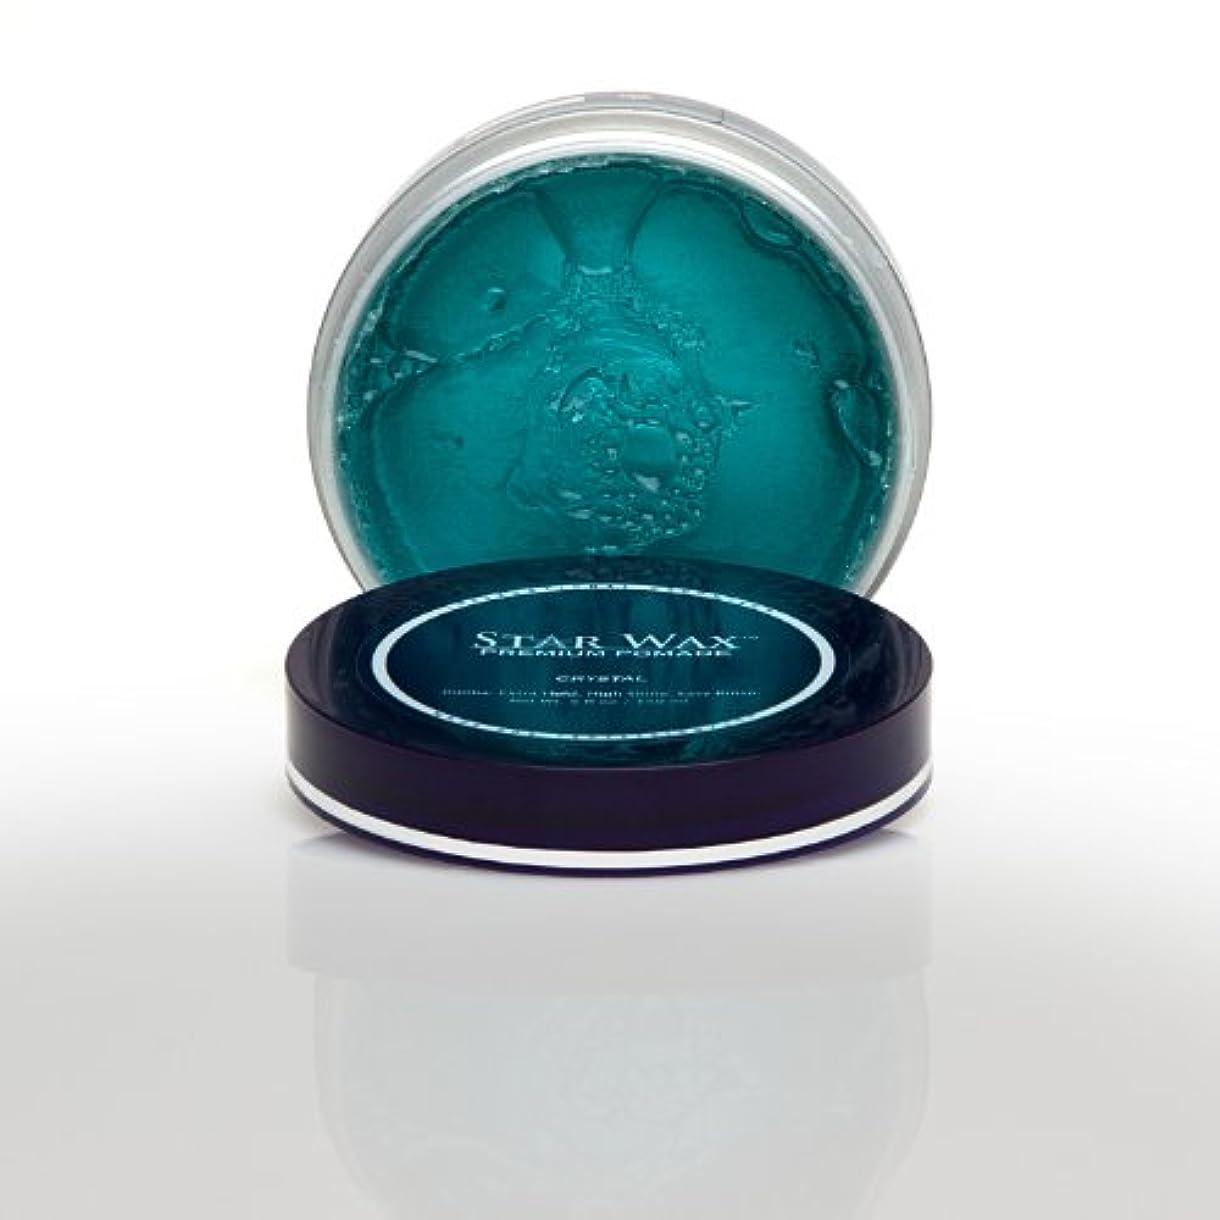 途方もない十分ではない地理Star Wax | Premium Pomade, Crystal(スターワックスプレミアム ポマード「クリスタル」)?Star Pro Line(スタープロライン)製?5(液量)オンス/150ml